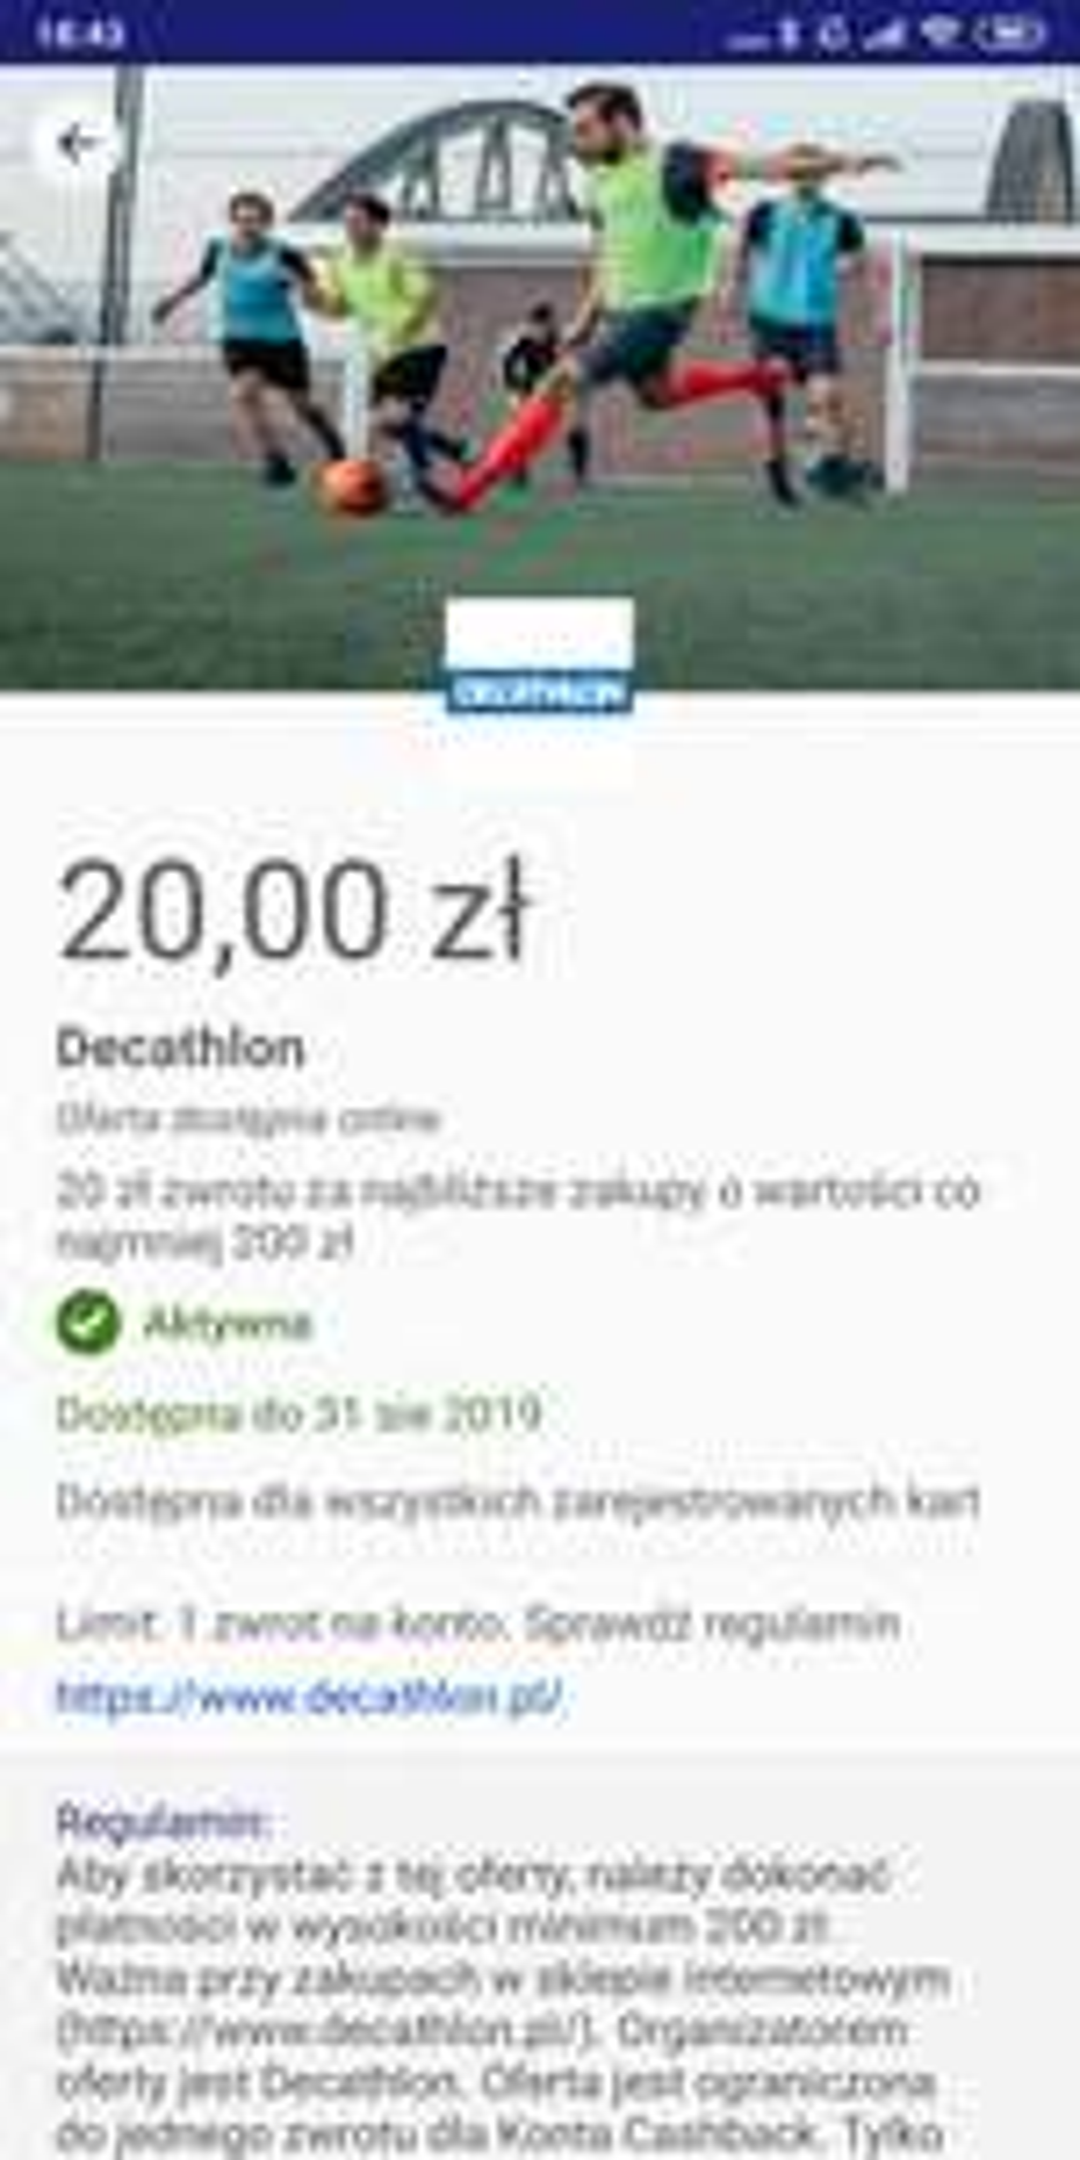 Visa oferty zwrot 20zl przy zakupie > 200zl w Decathlon online